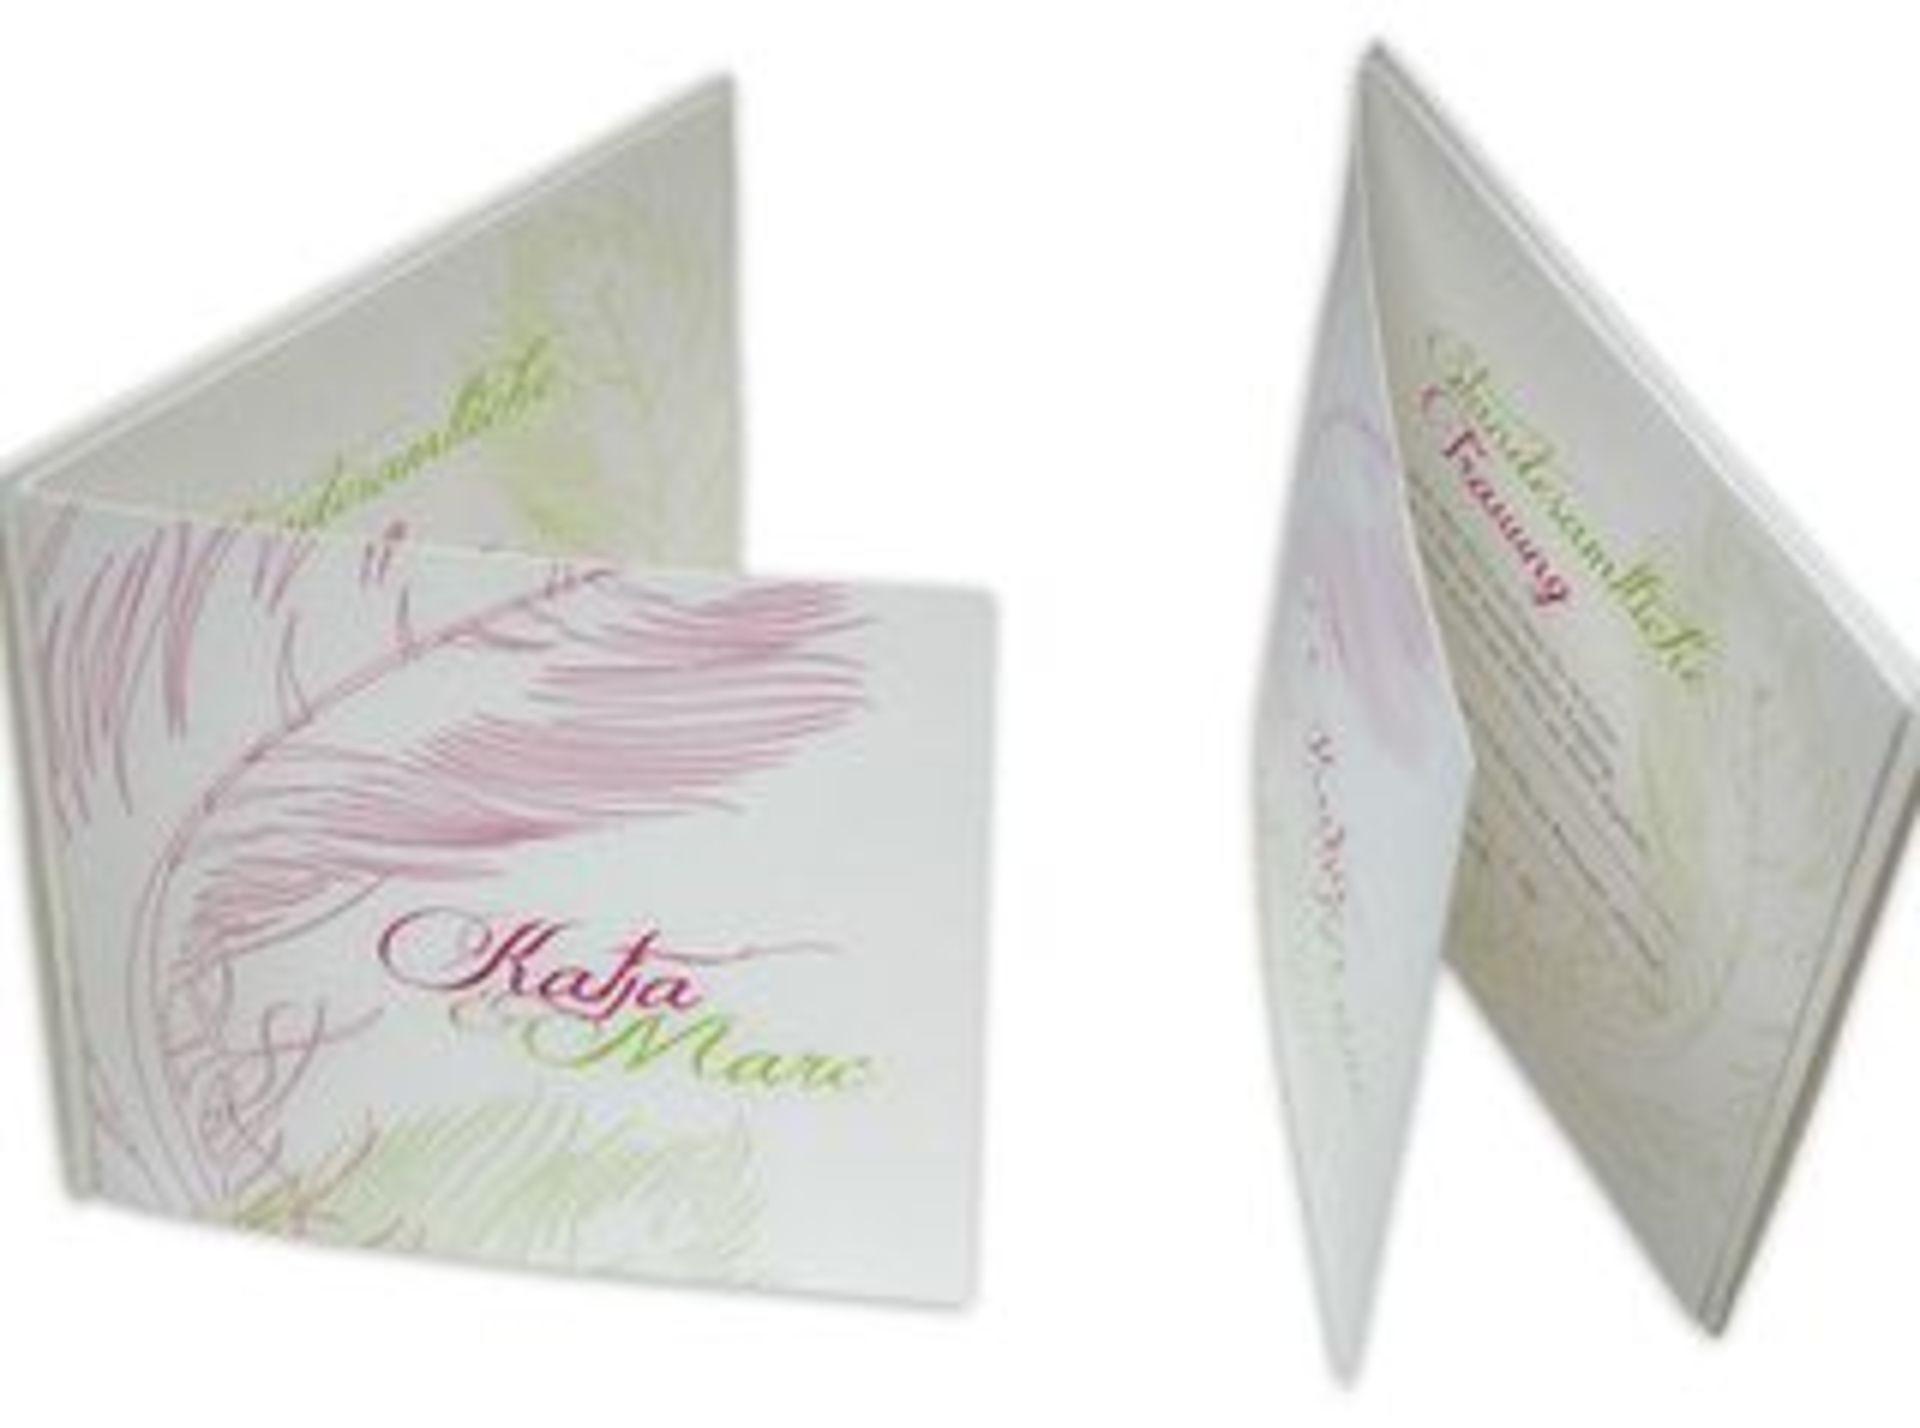 Wunderschöne Einladung Zur Hochzeit Mit Federn In Zarten Farben